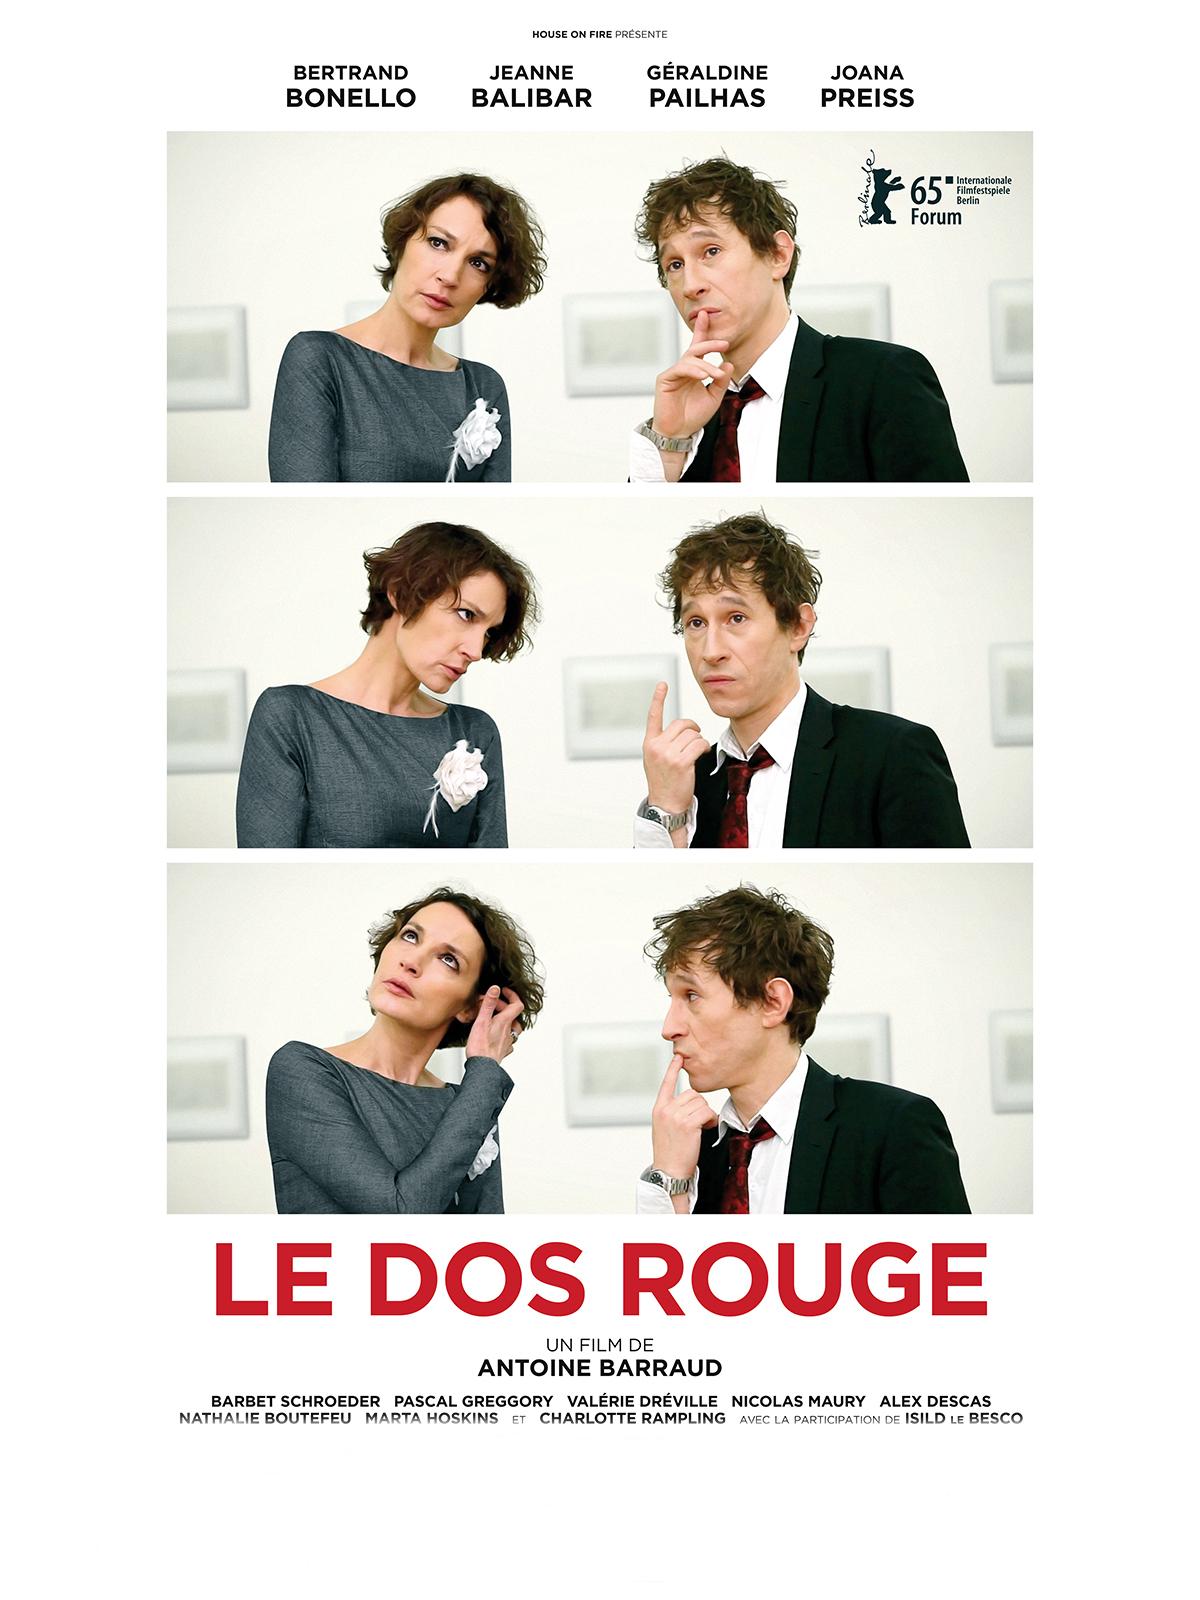 Le Dos Rouge | Barraud, Antoine (Réalisateur)